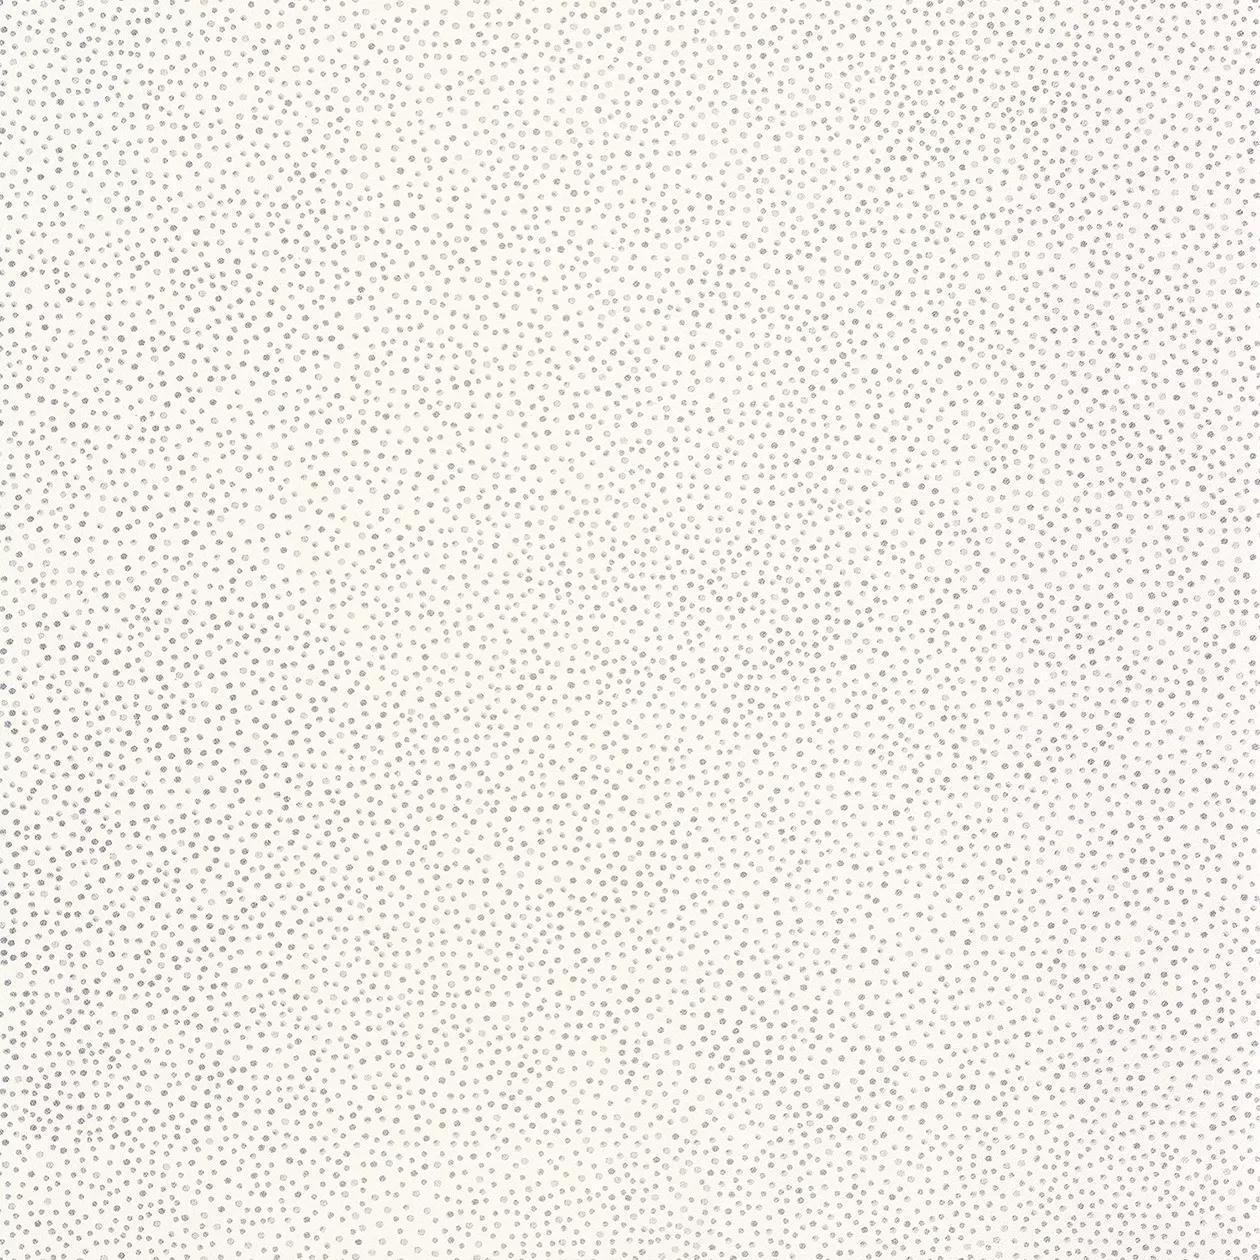 Törtfehér alapon metál ezüst apró pöttyös mintás vlies dekor tapéta